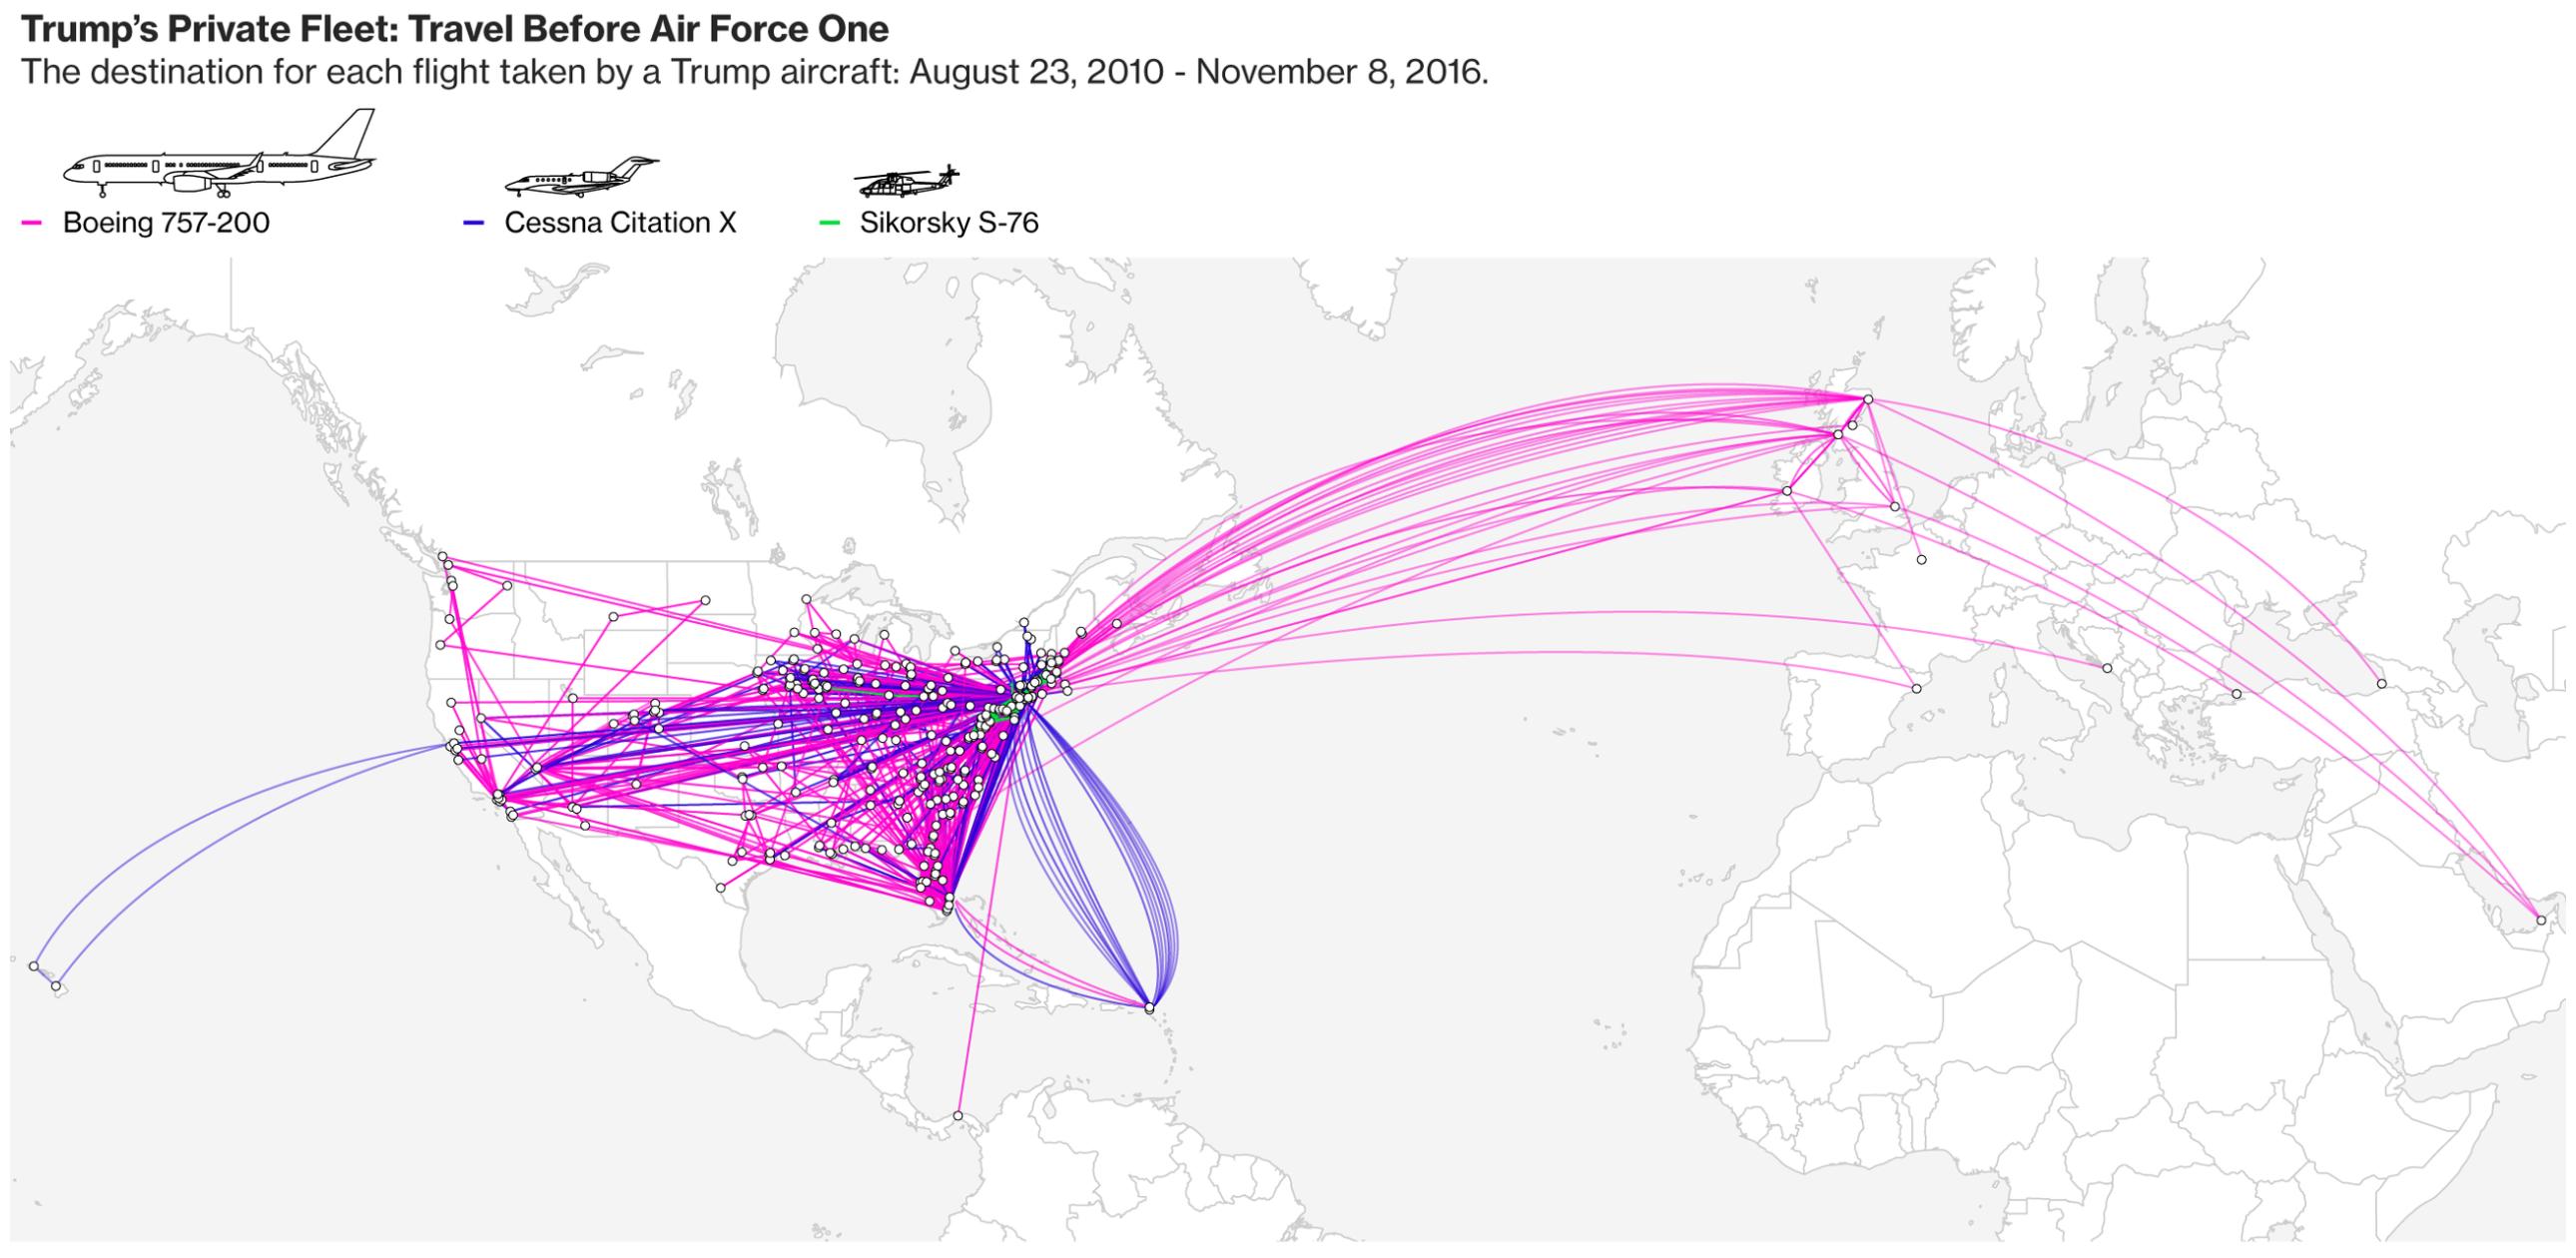 Where Trump's private aircraft flew